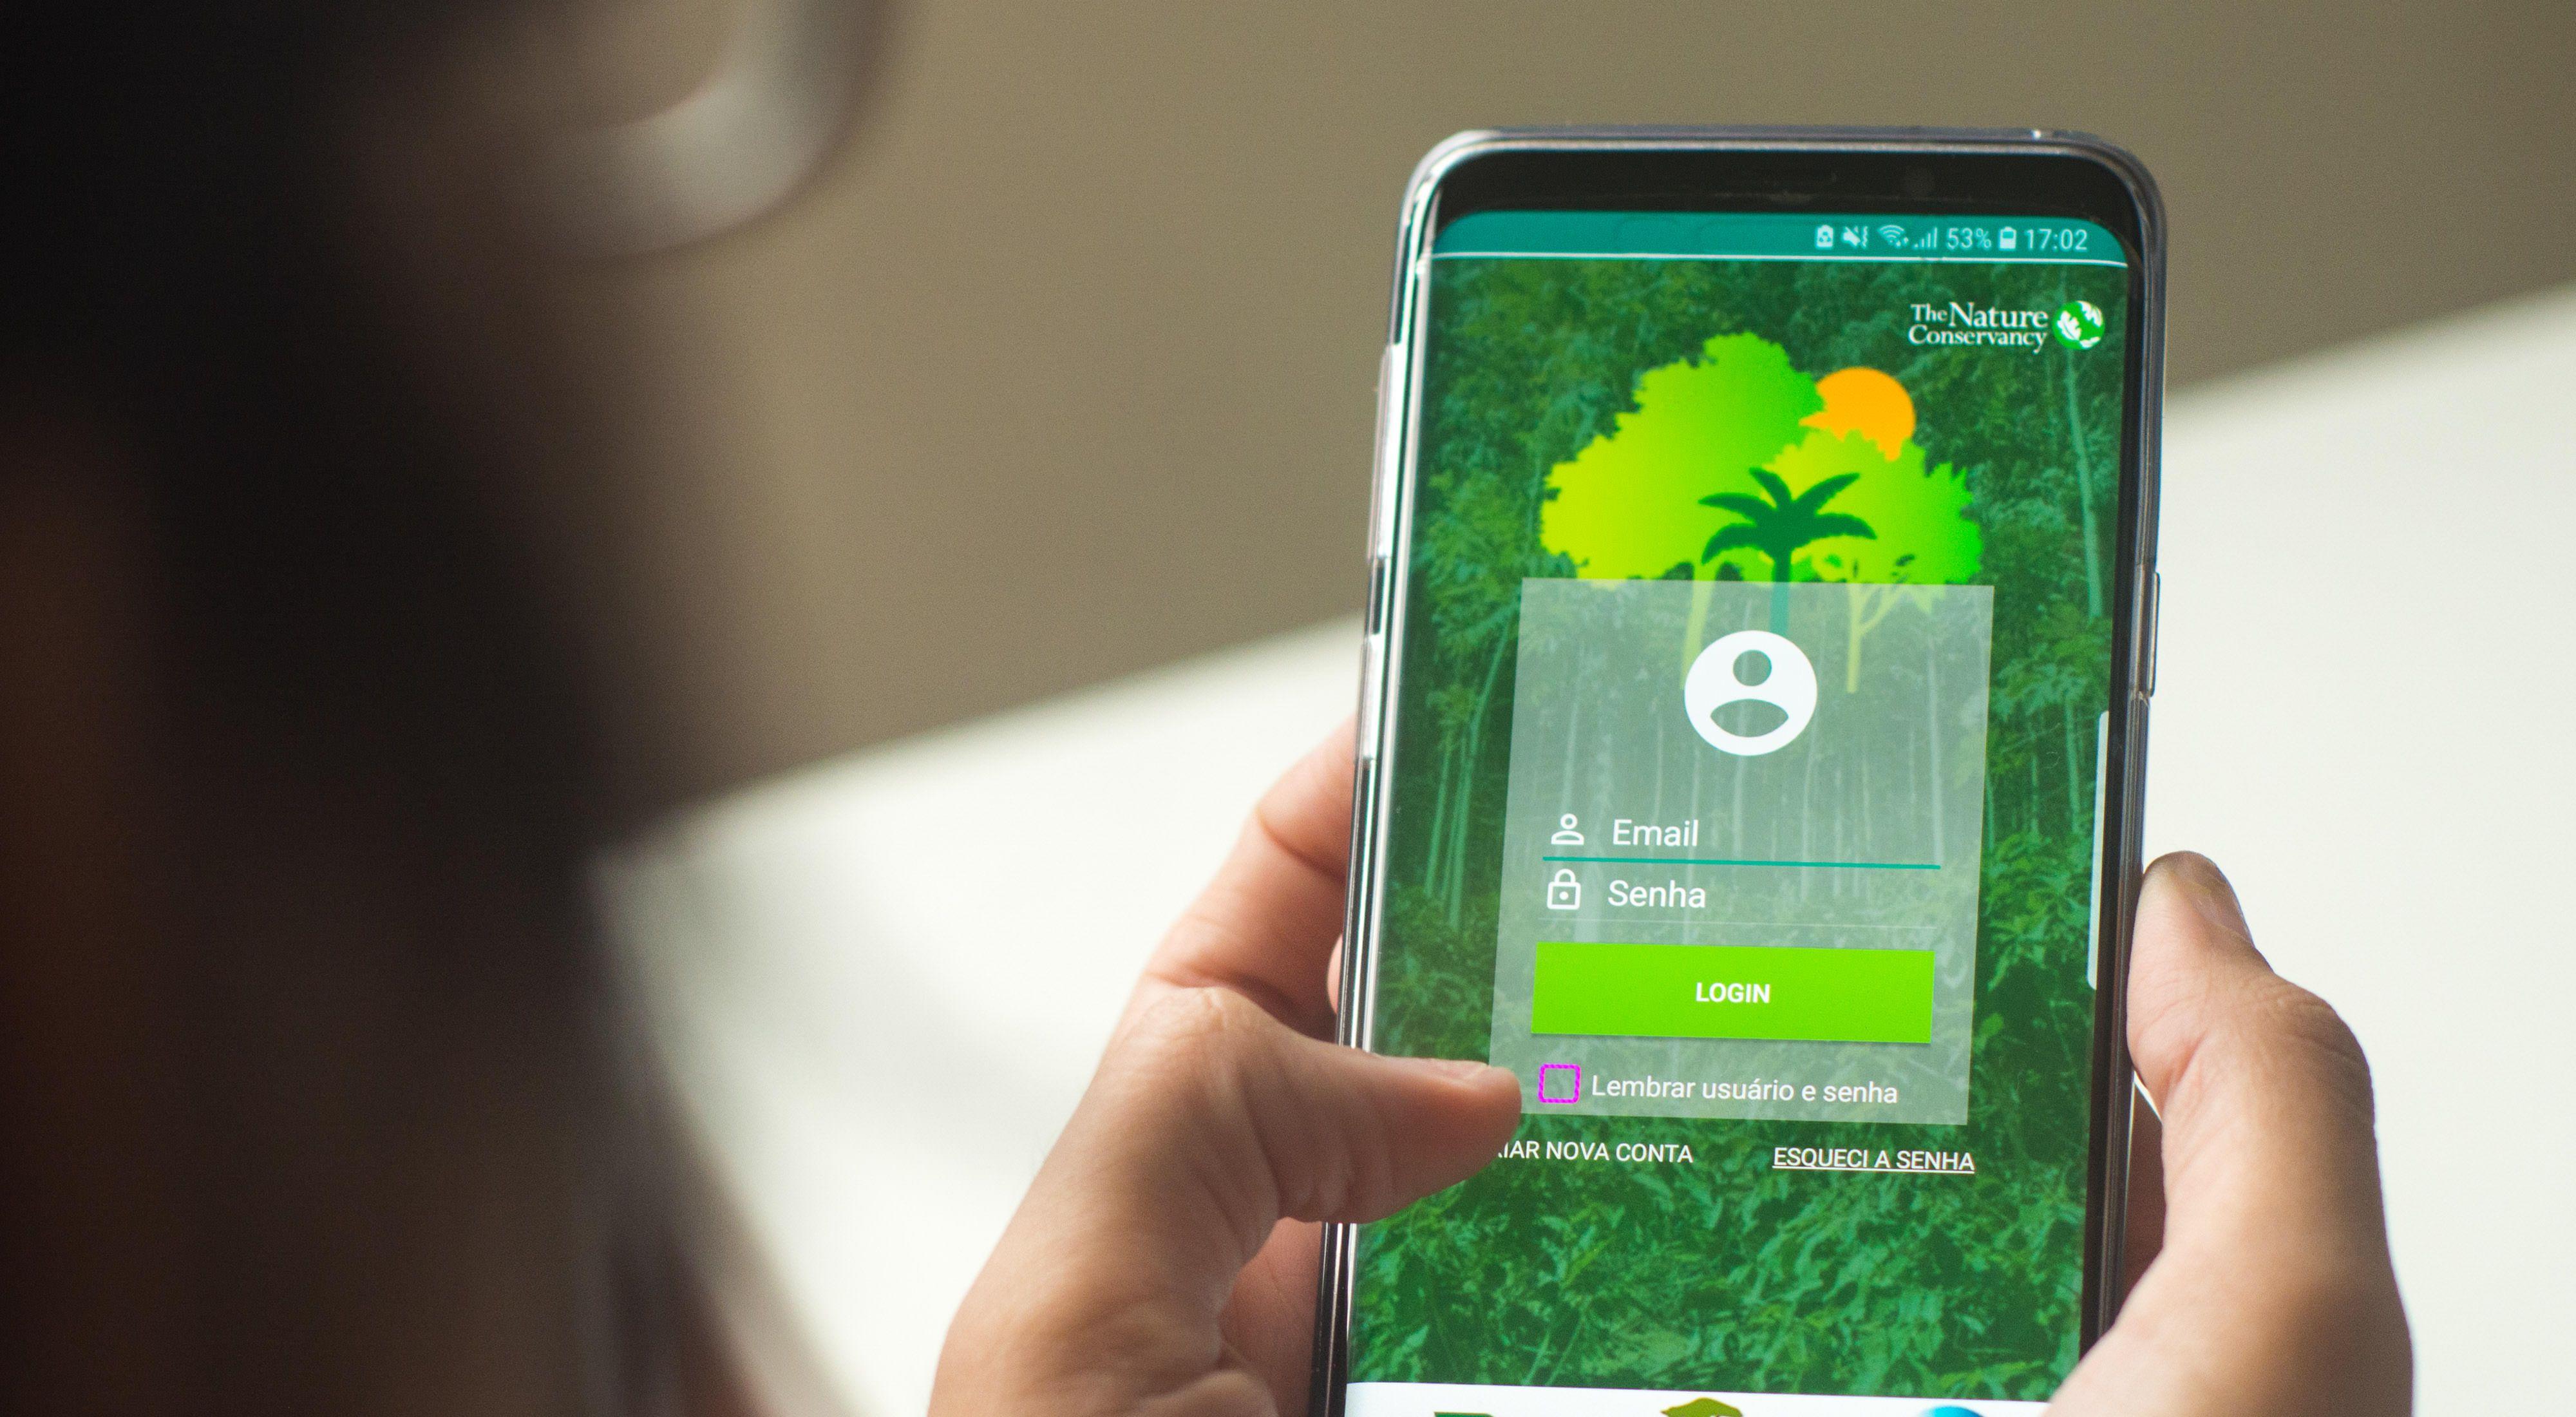 AnaliSAFs auxilia o usuário na gestão de propriedade rurais